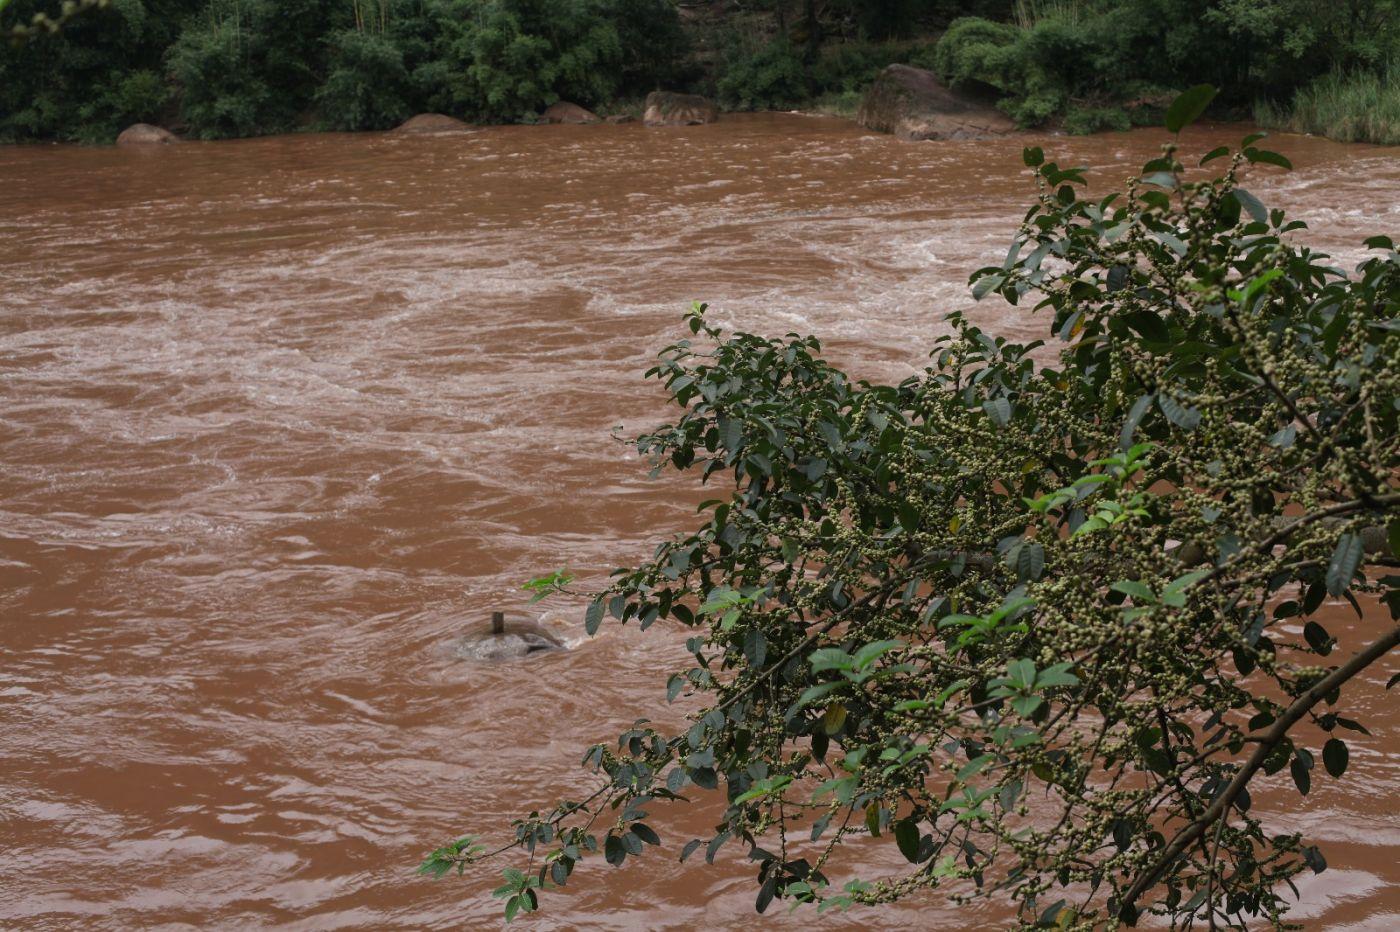 孕育了天赐尤物茅台酒的山野、林莽、溪流和河水那个空间_图1-3